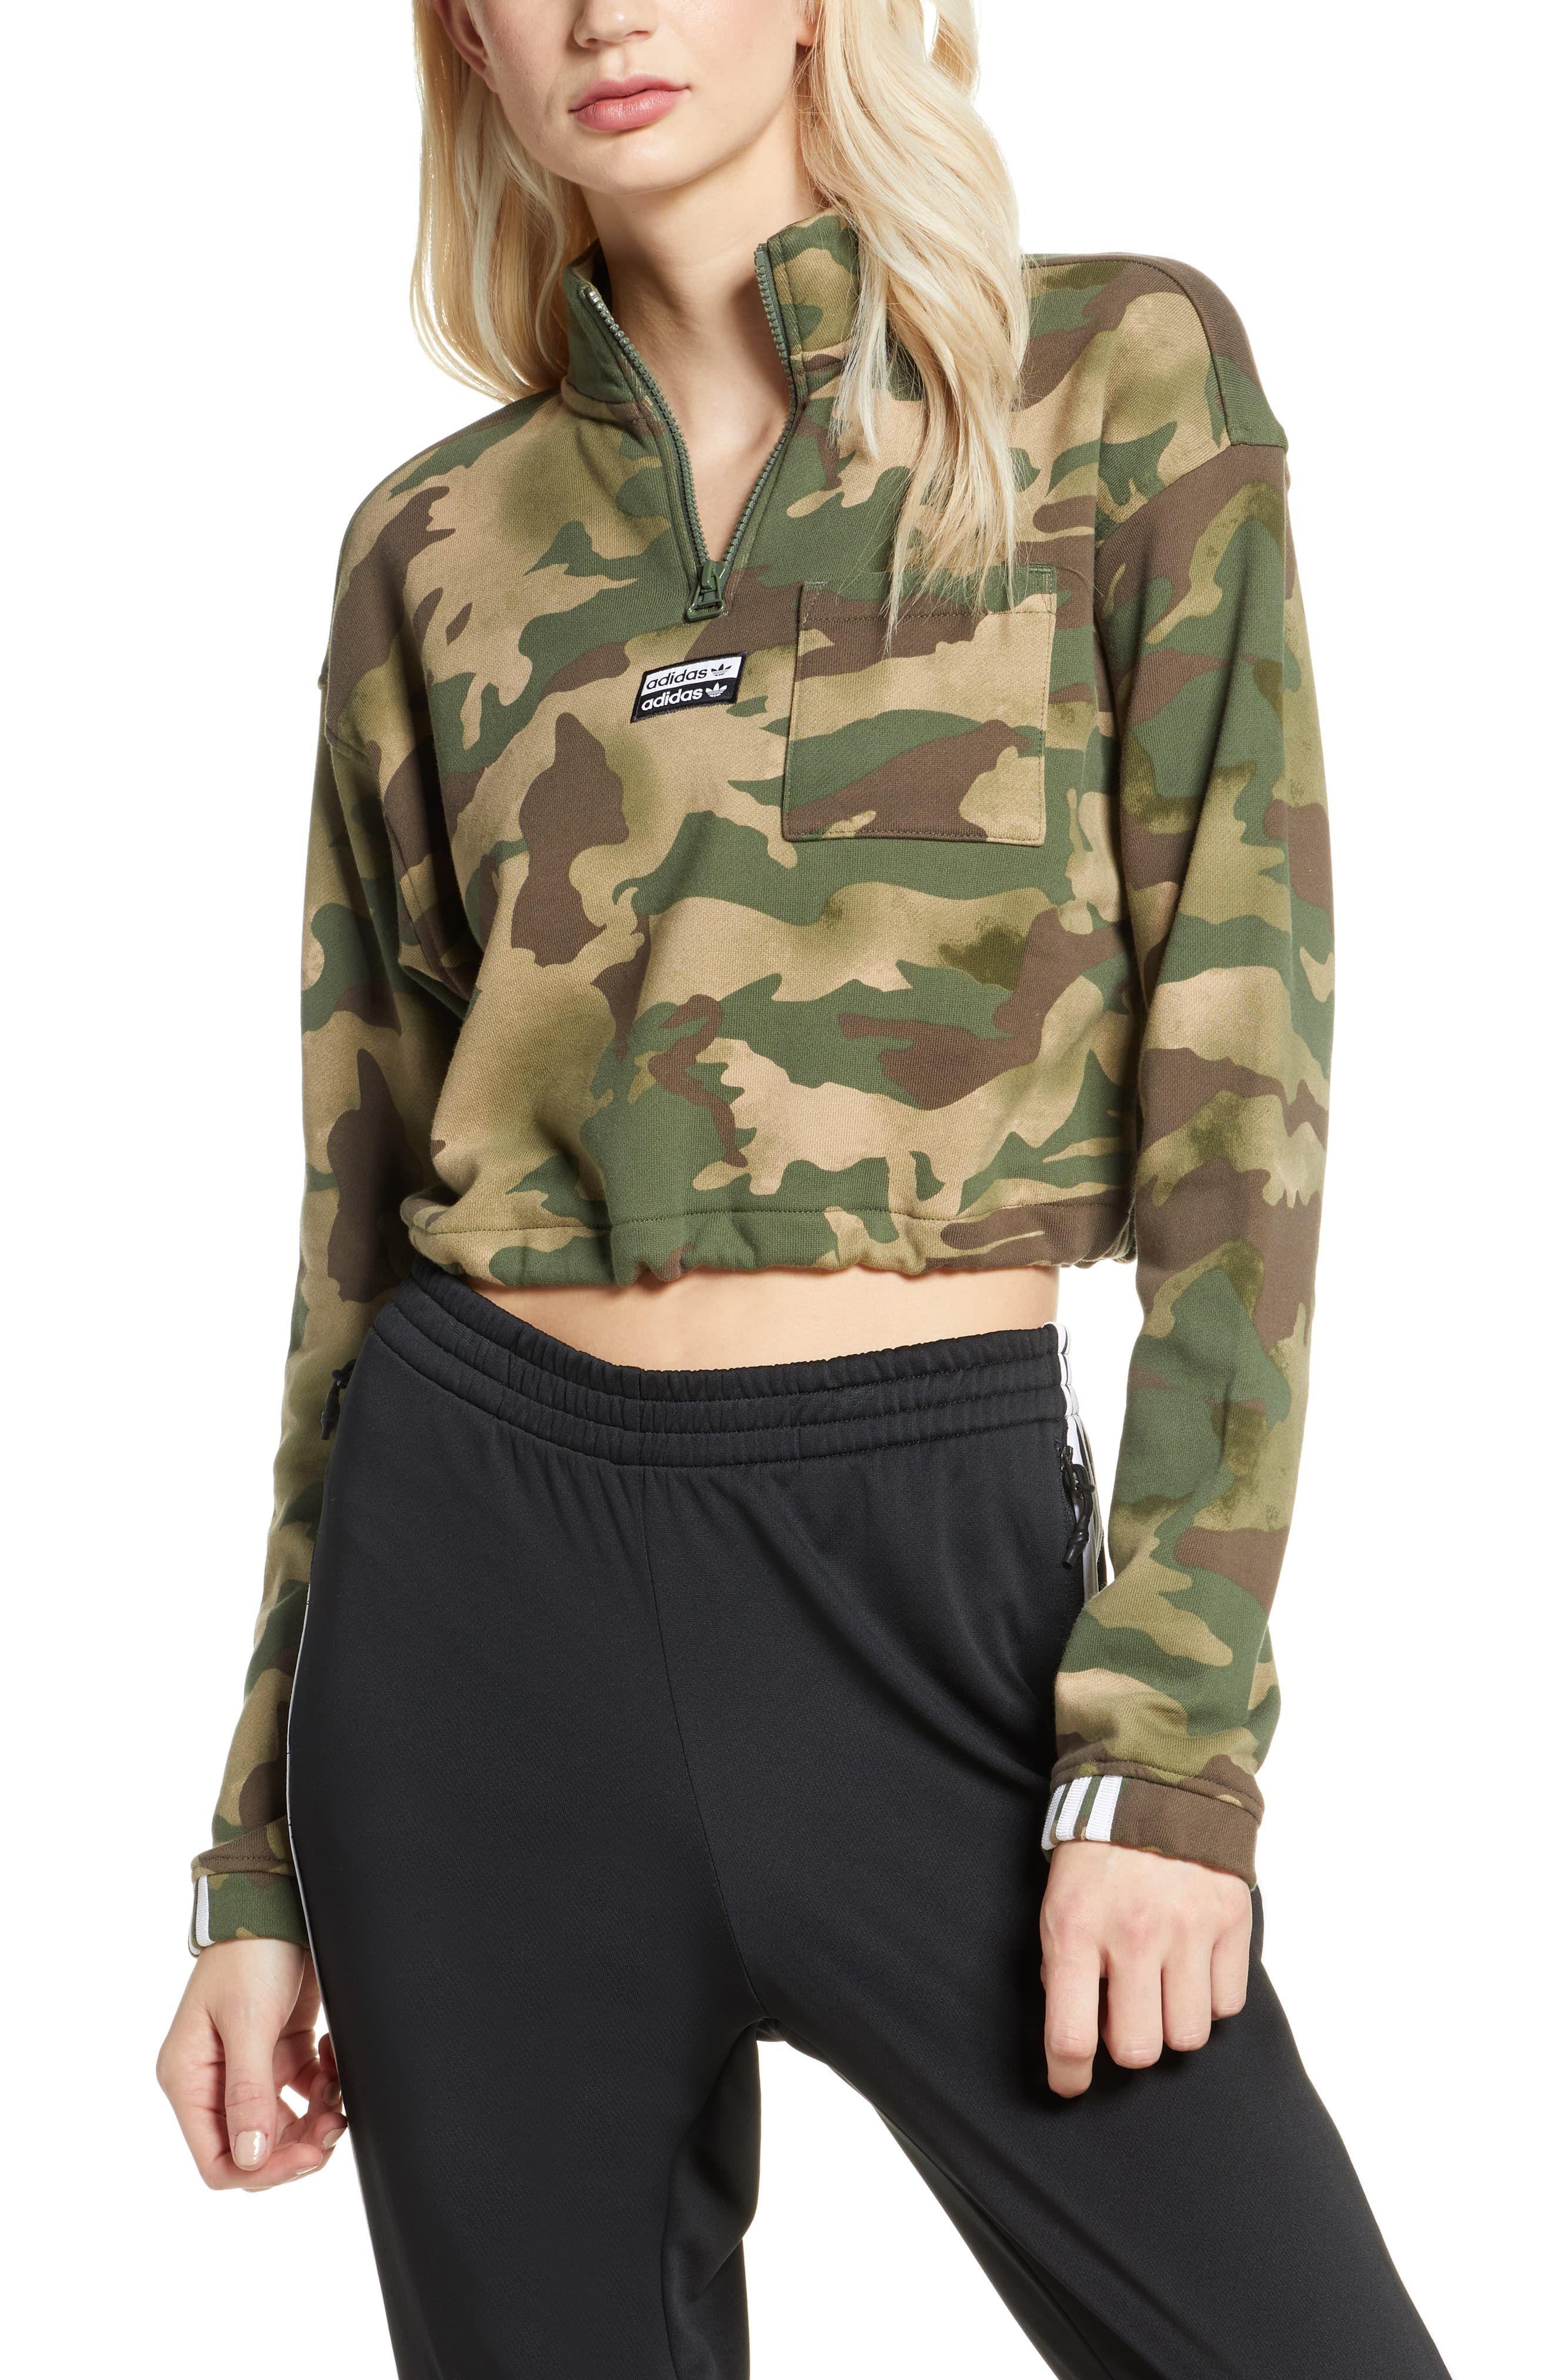 Adidas Originals Half Zip Print Crop Pullover Nordstrom Camo Jacket Outfit Adidas Originals Adidas Crop [ 4048 x 2640 Pixel ]